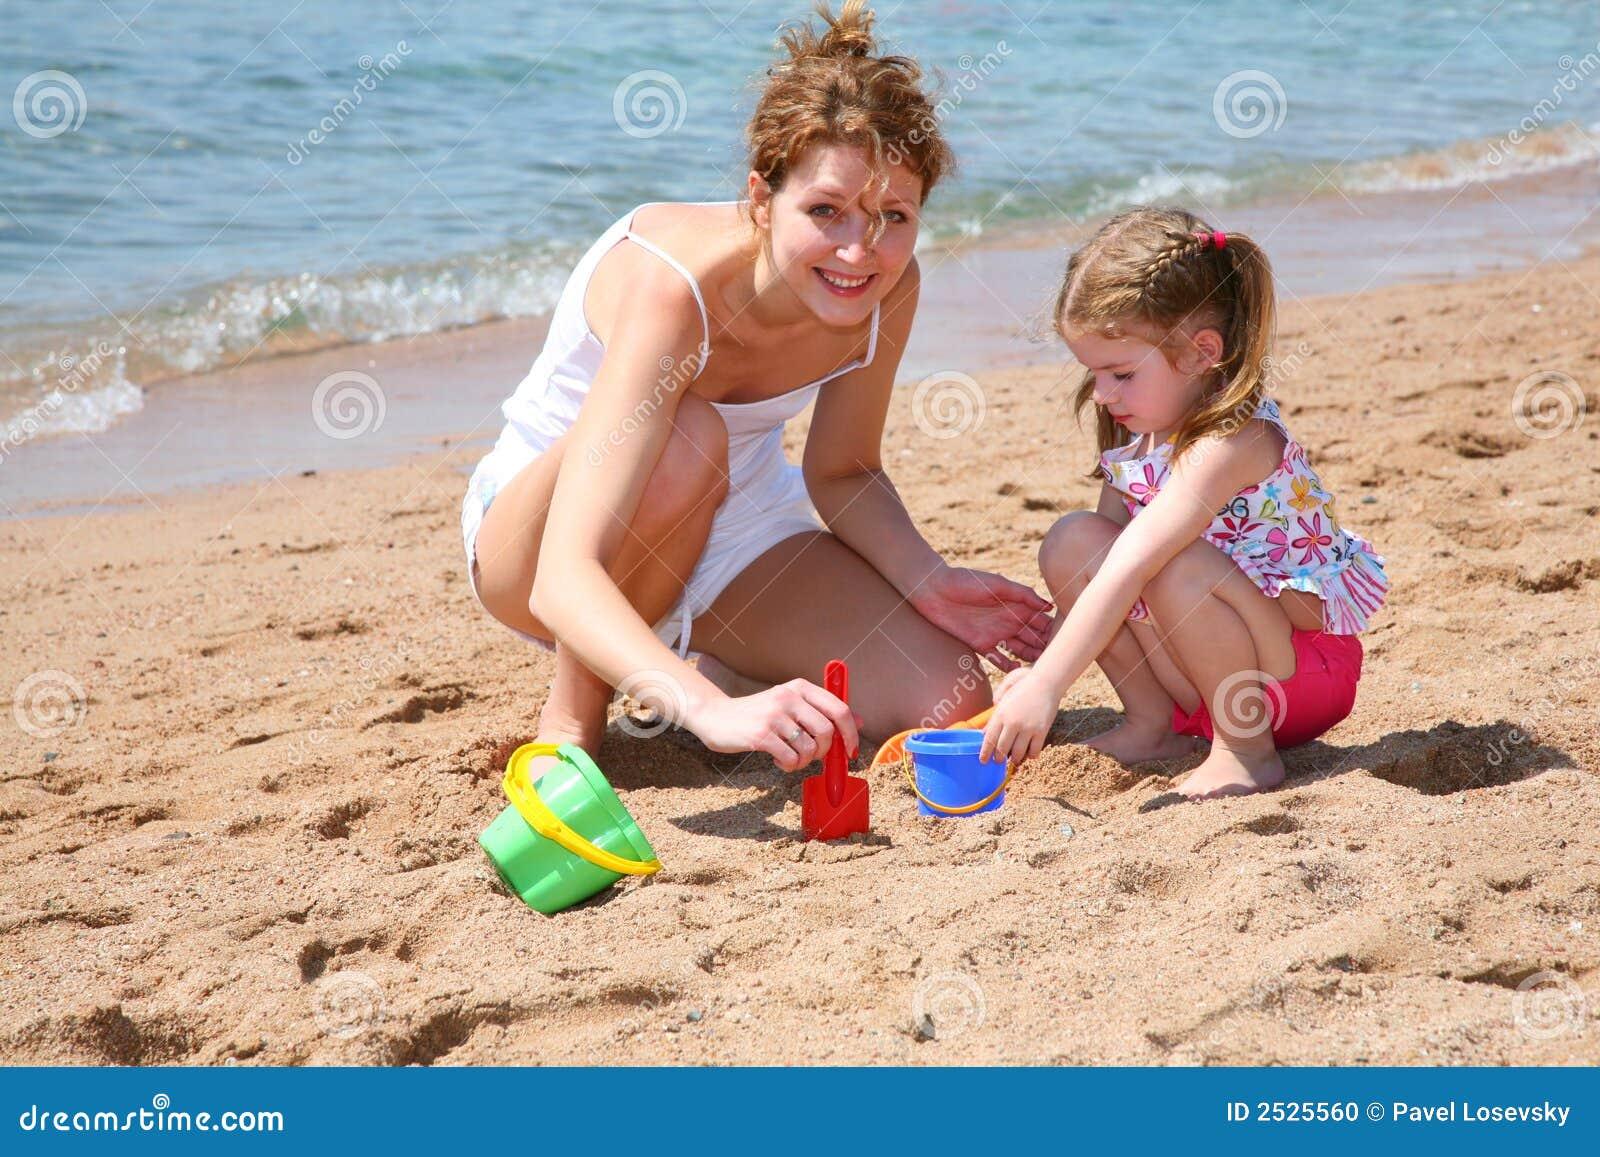 Фото с пляжей мам и дочек 24 фотография